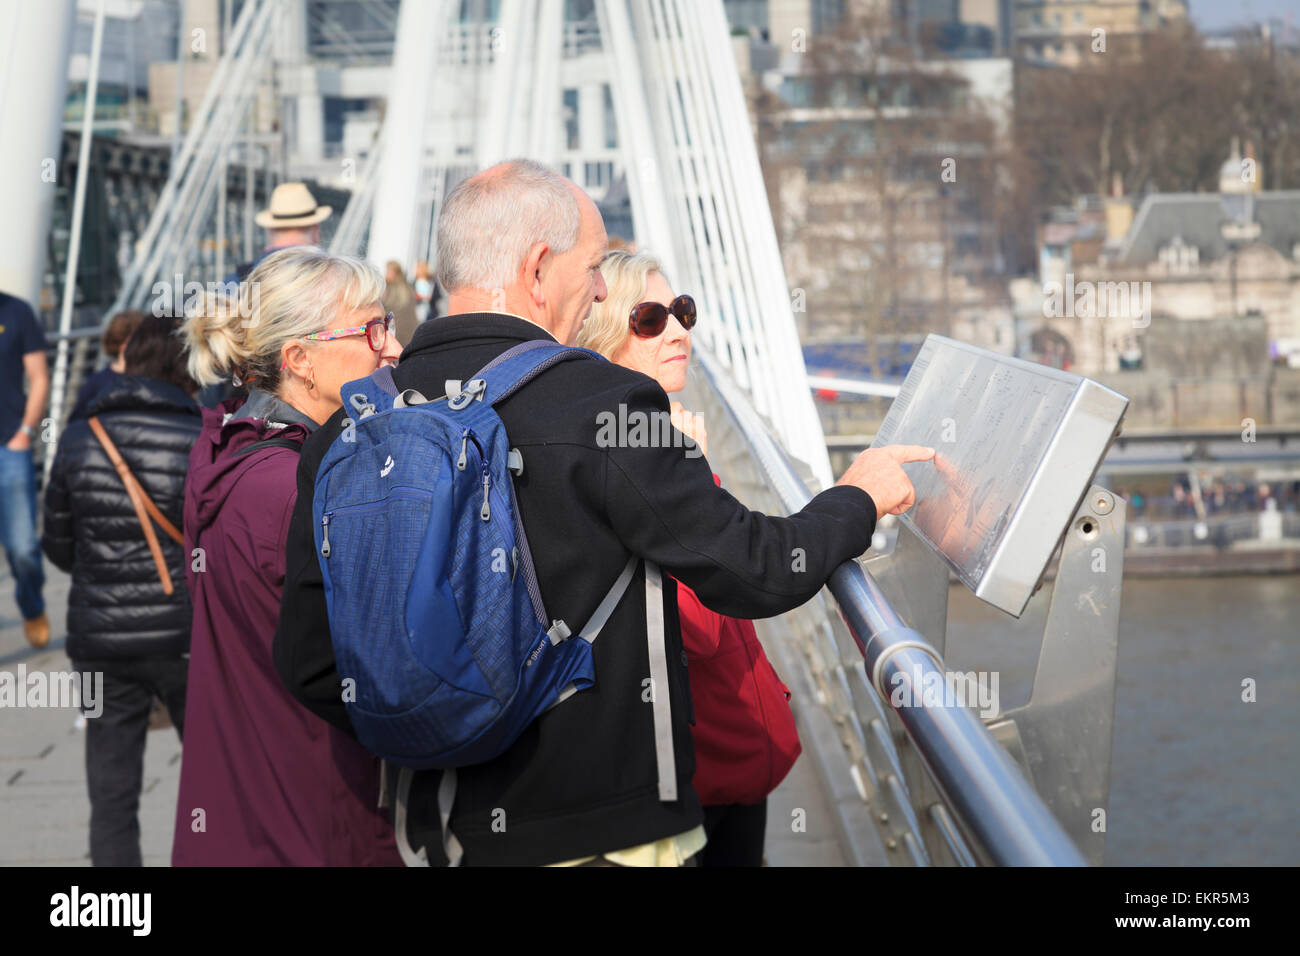 Los turistas, estudiando un mapa histórico en el Jubileo de Oro de puente sobre el Río Támesis en Imagen De Stock